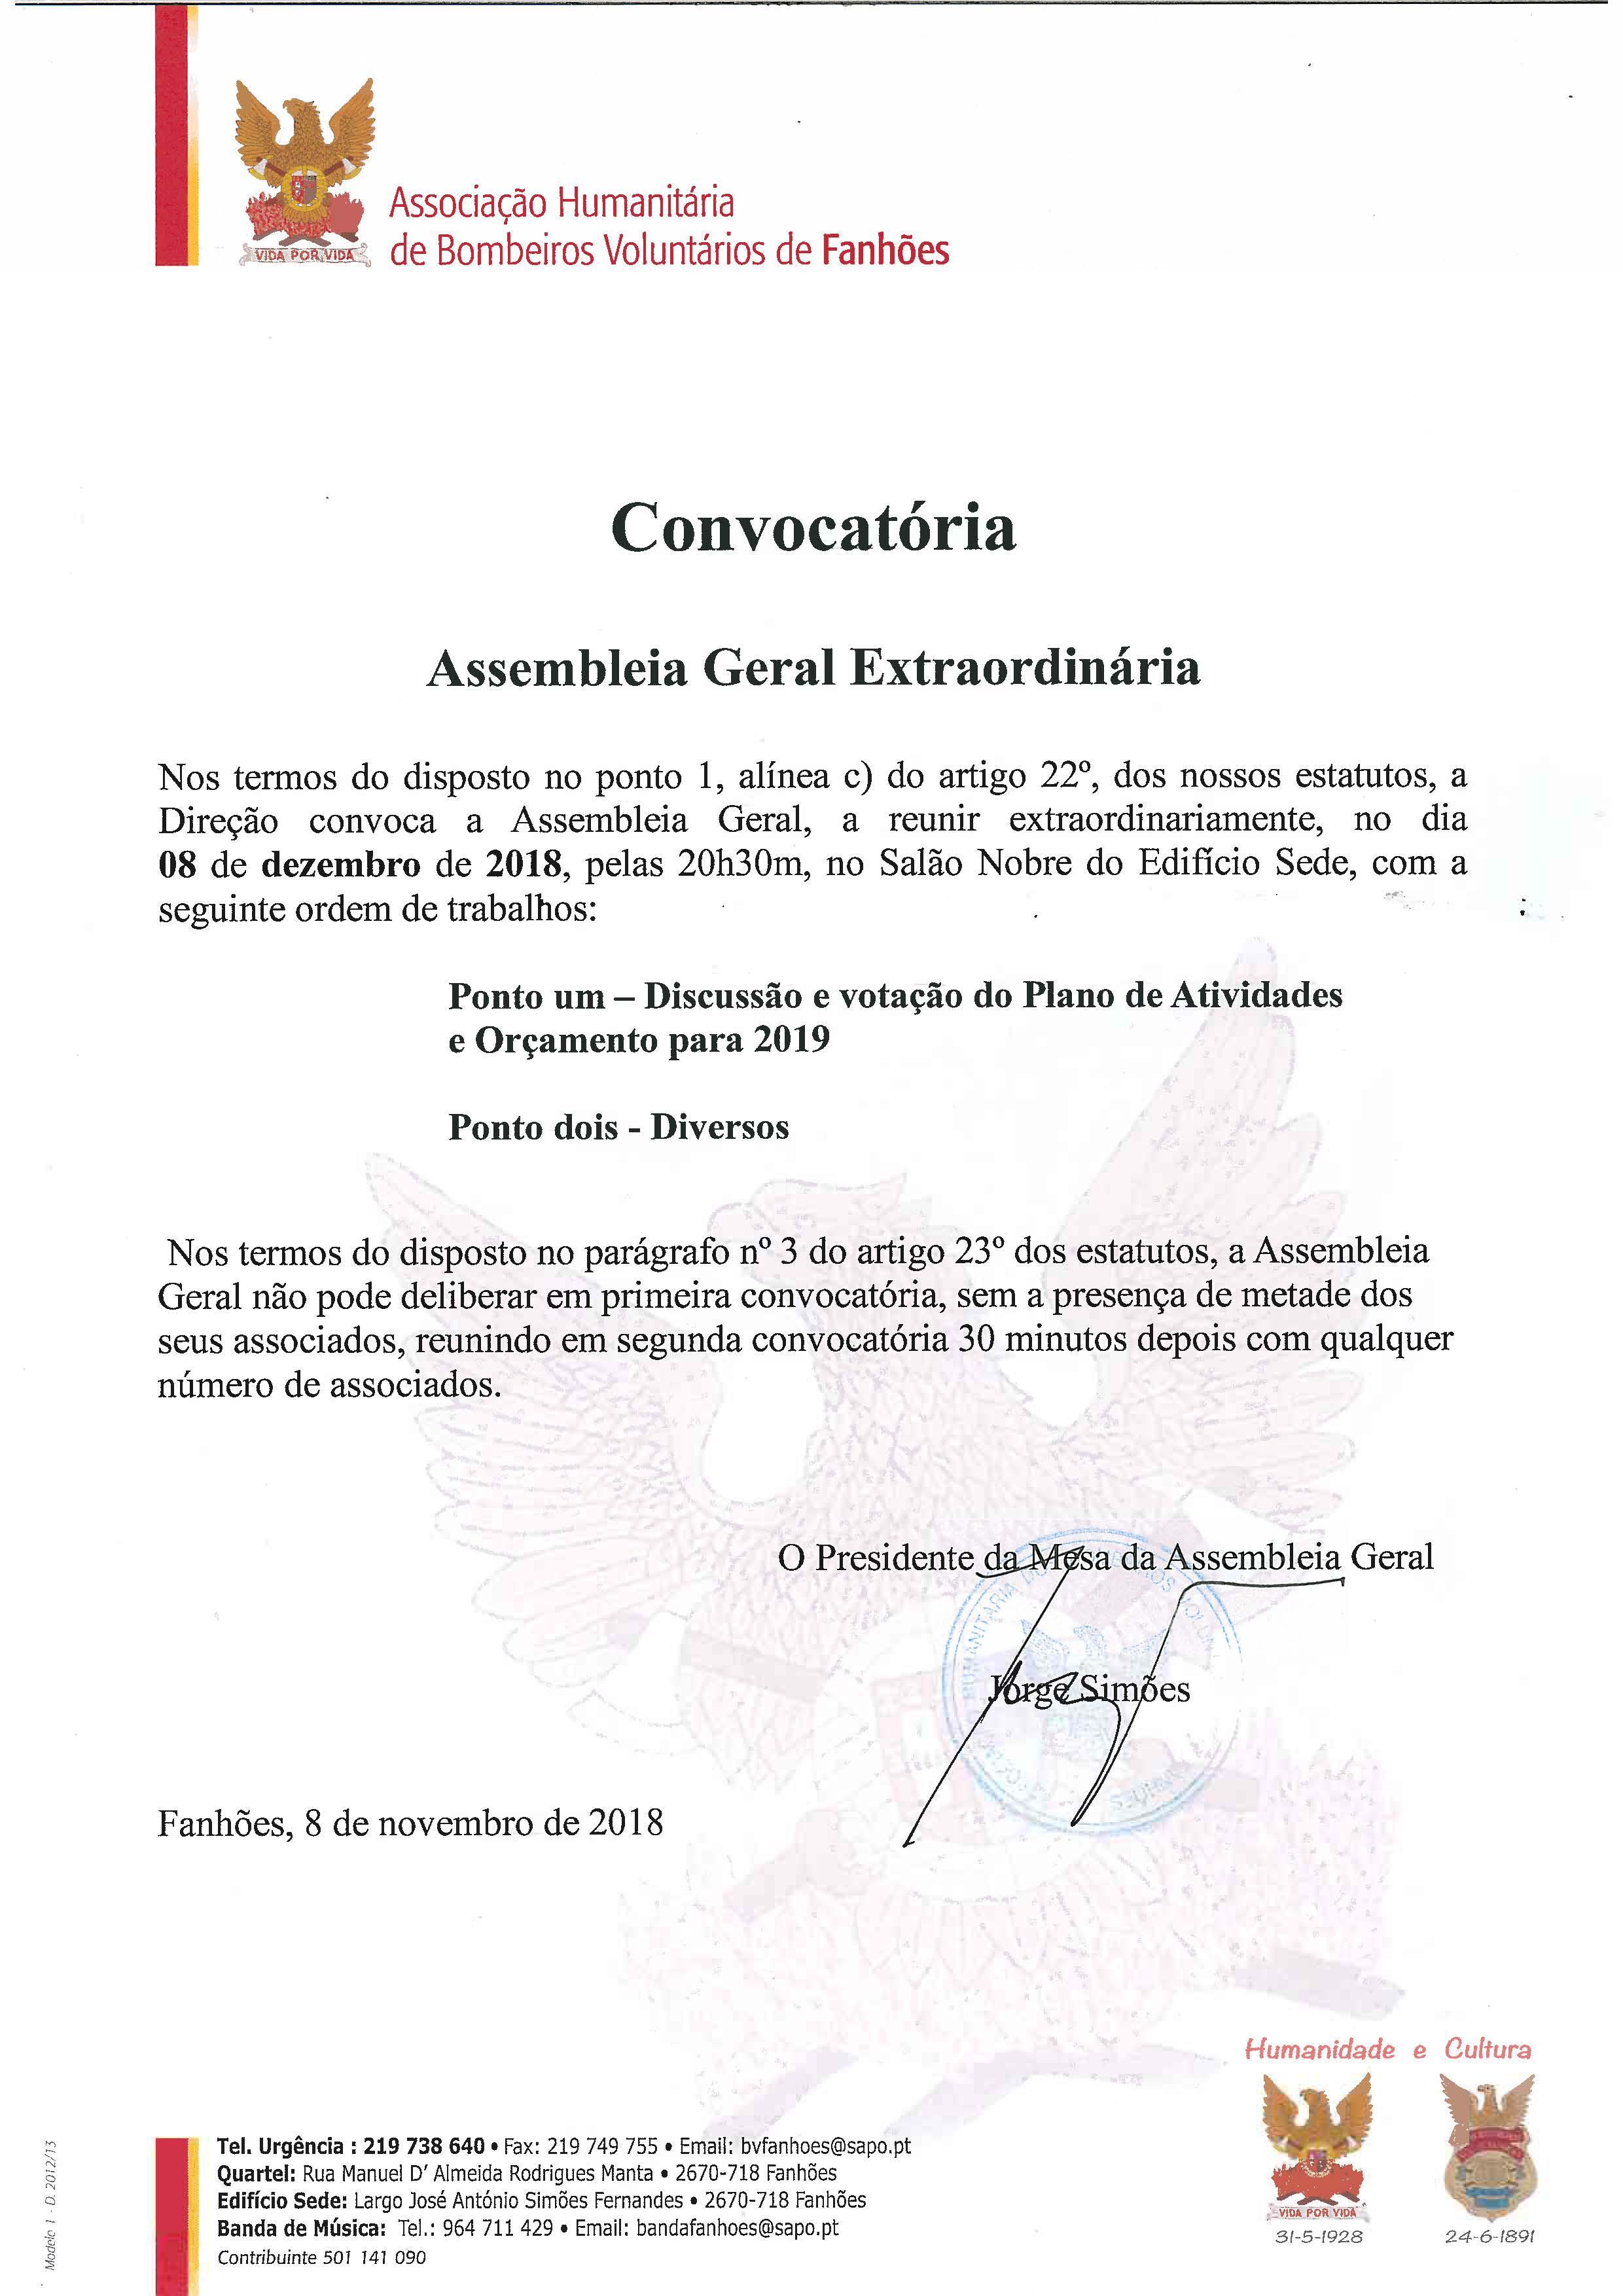 Assembleia Geral Extraordinária – 08/12/2018 – 20:30